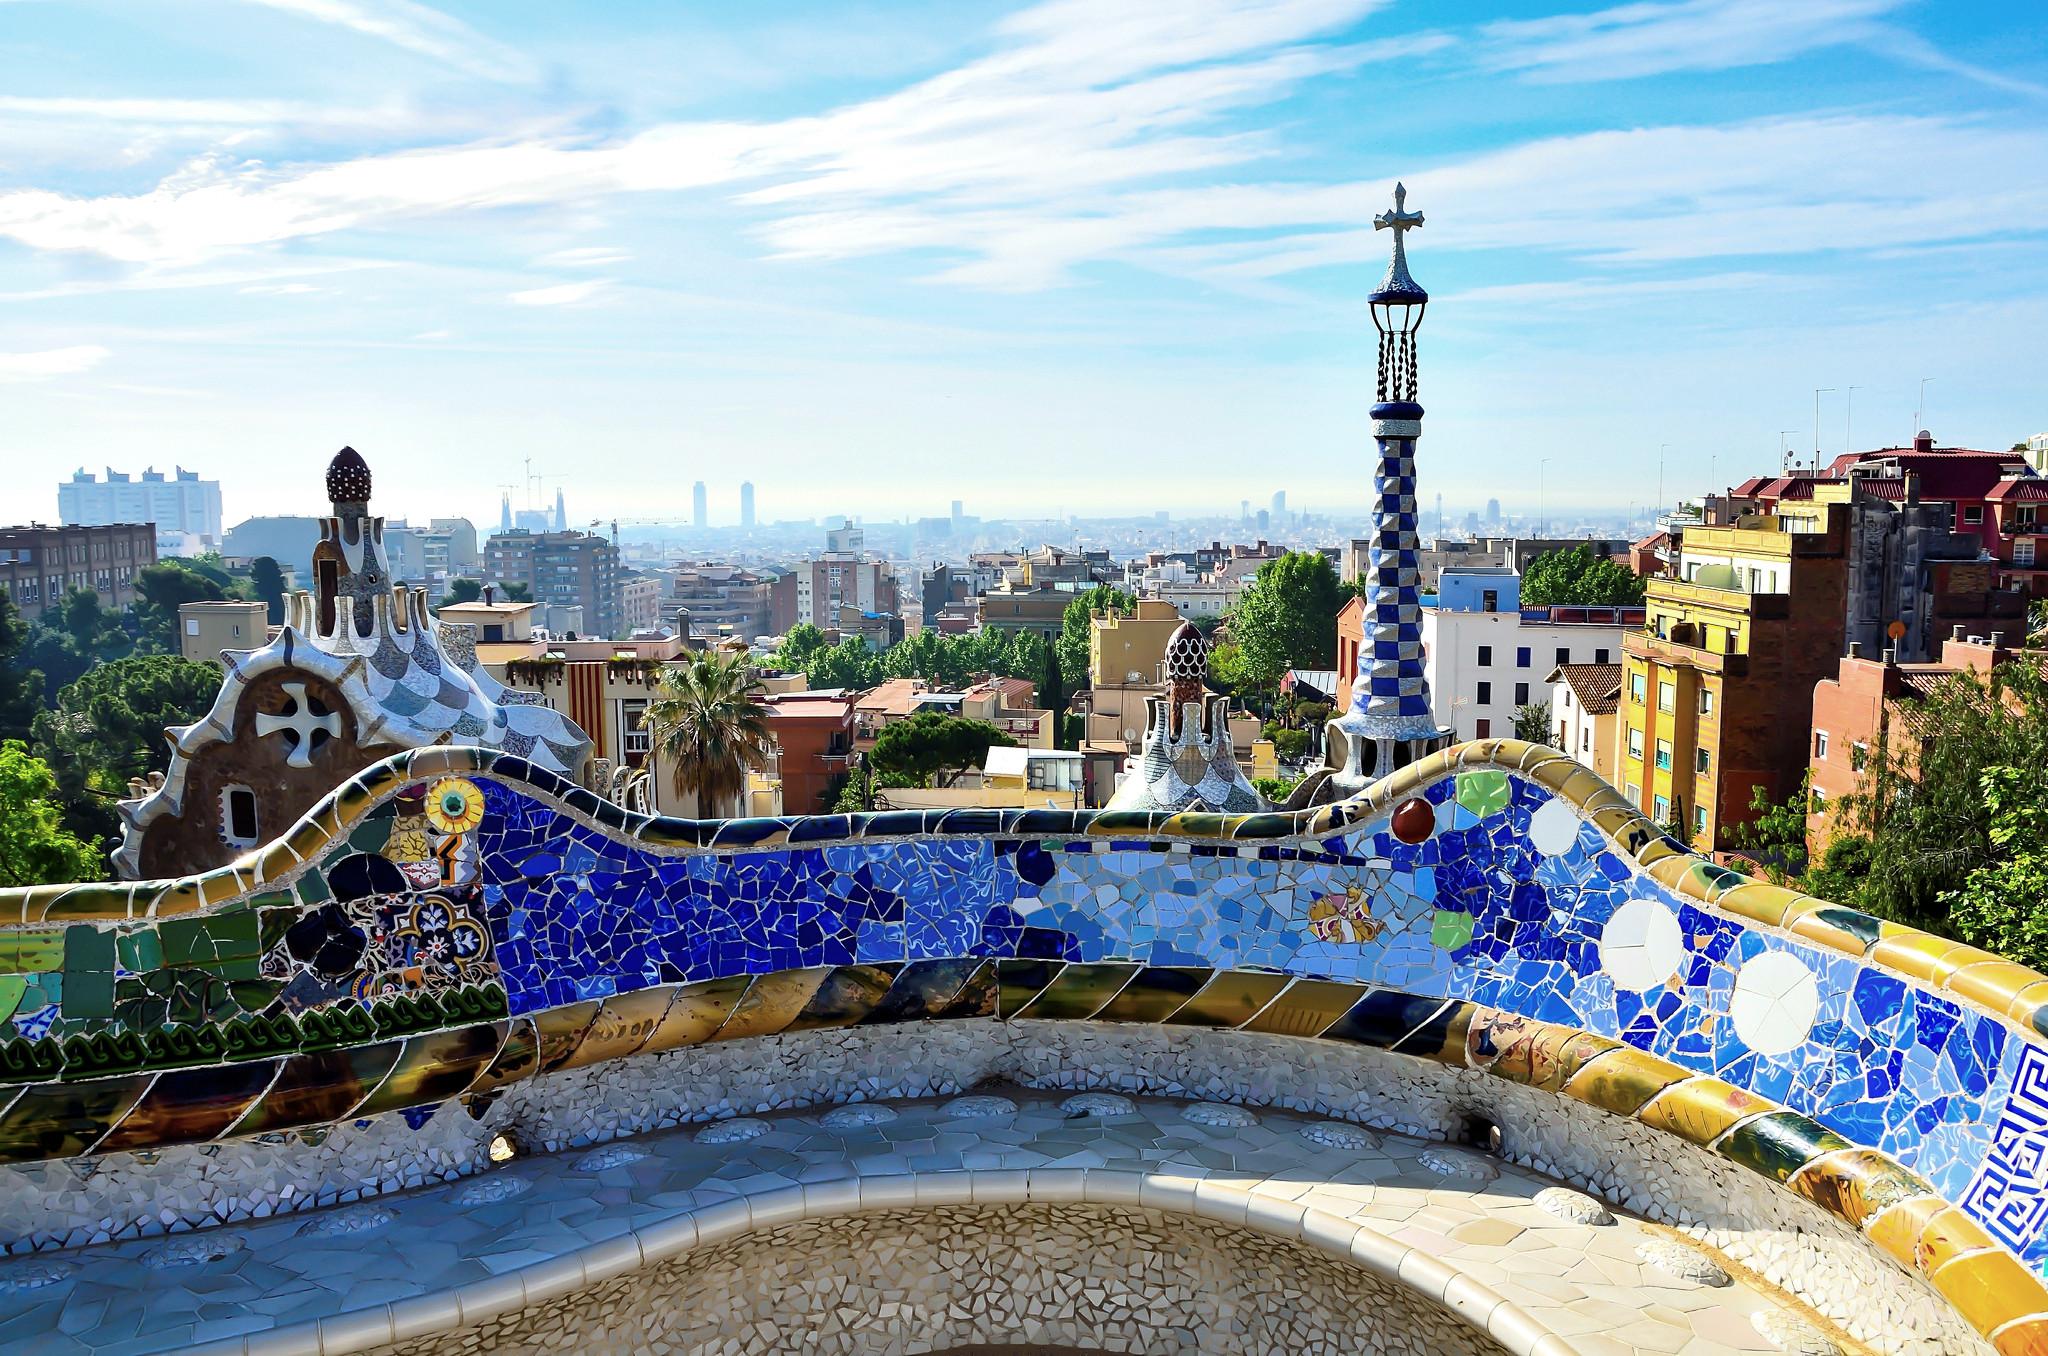 Jardin barcelone gaudi fashion designs for Barcelona jardin gaudi